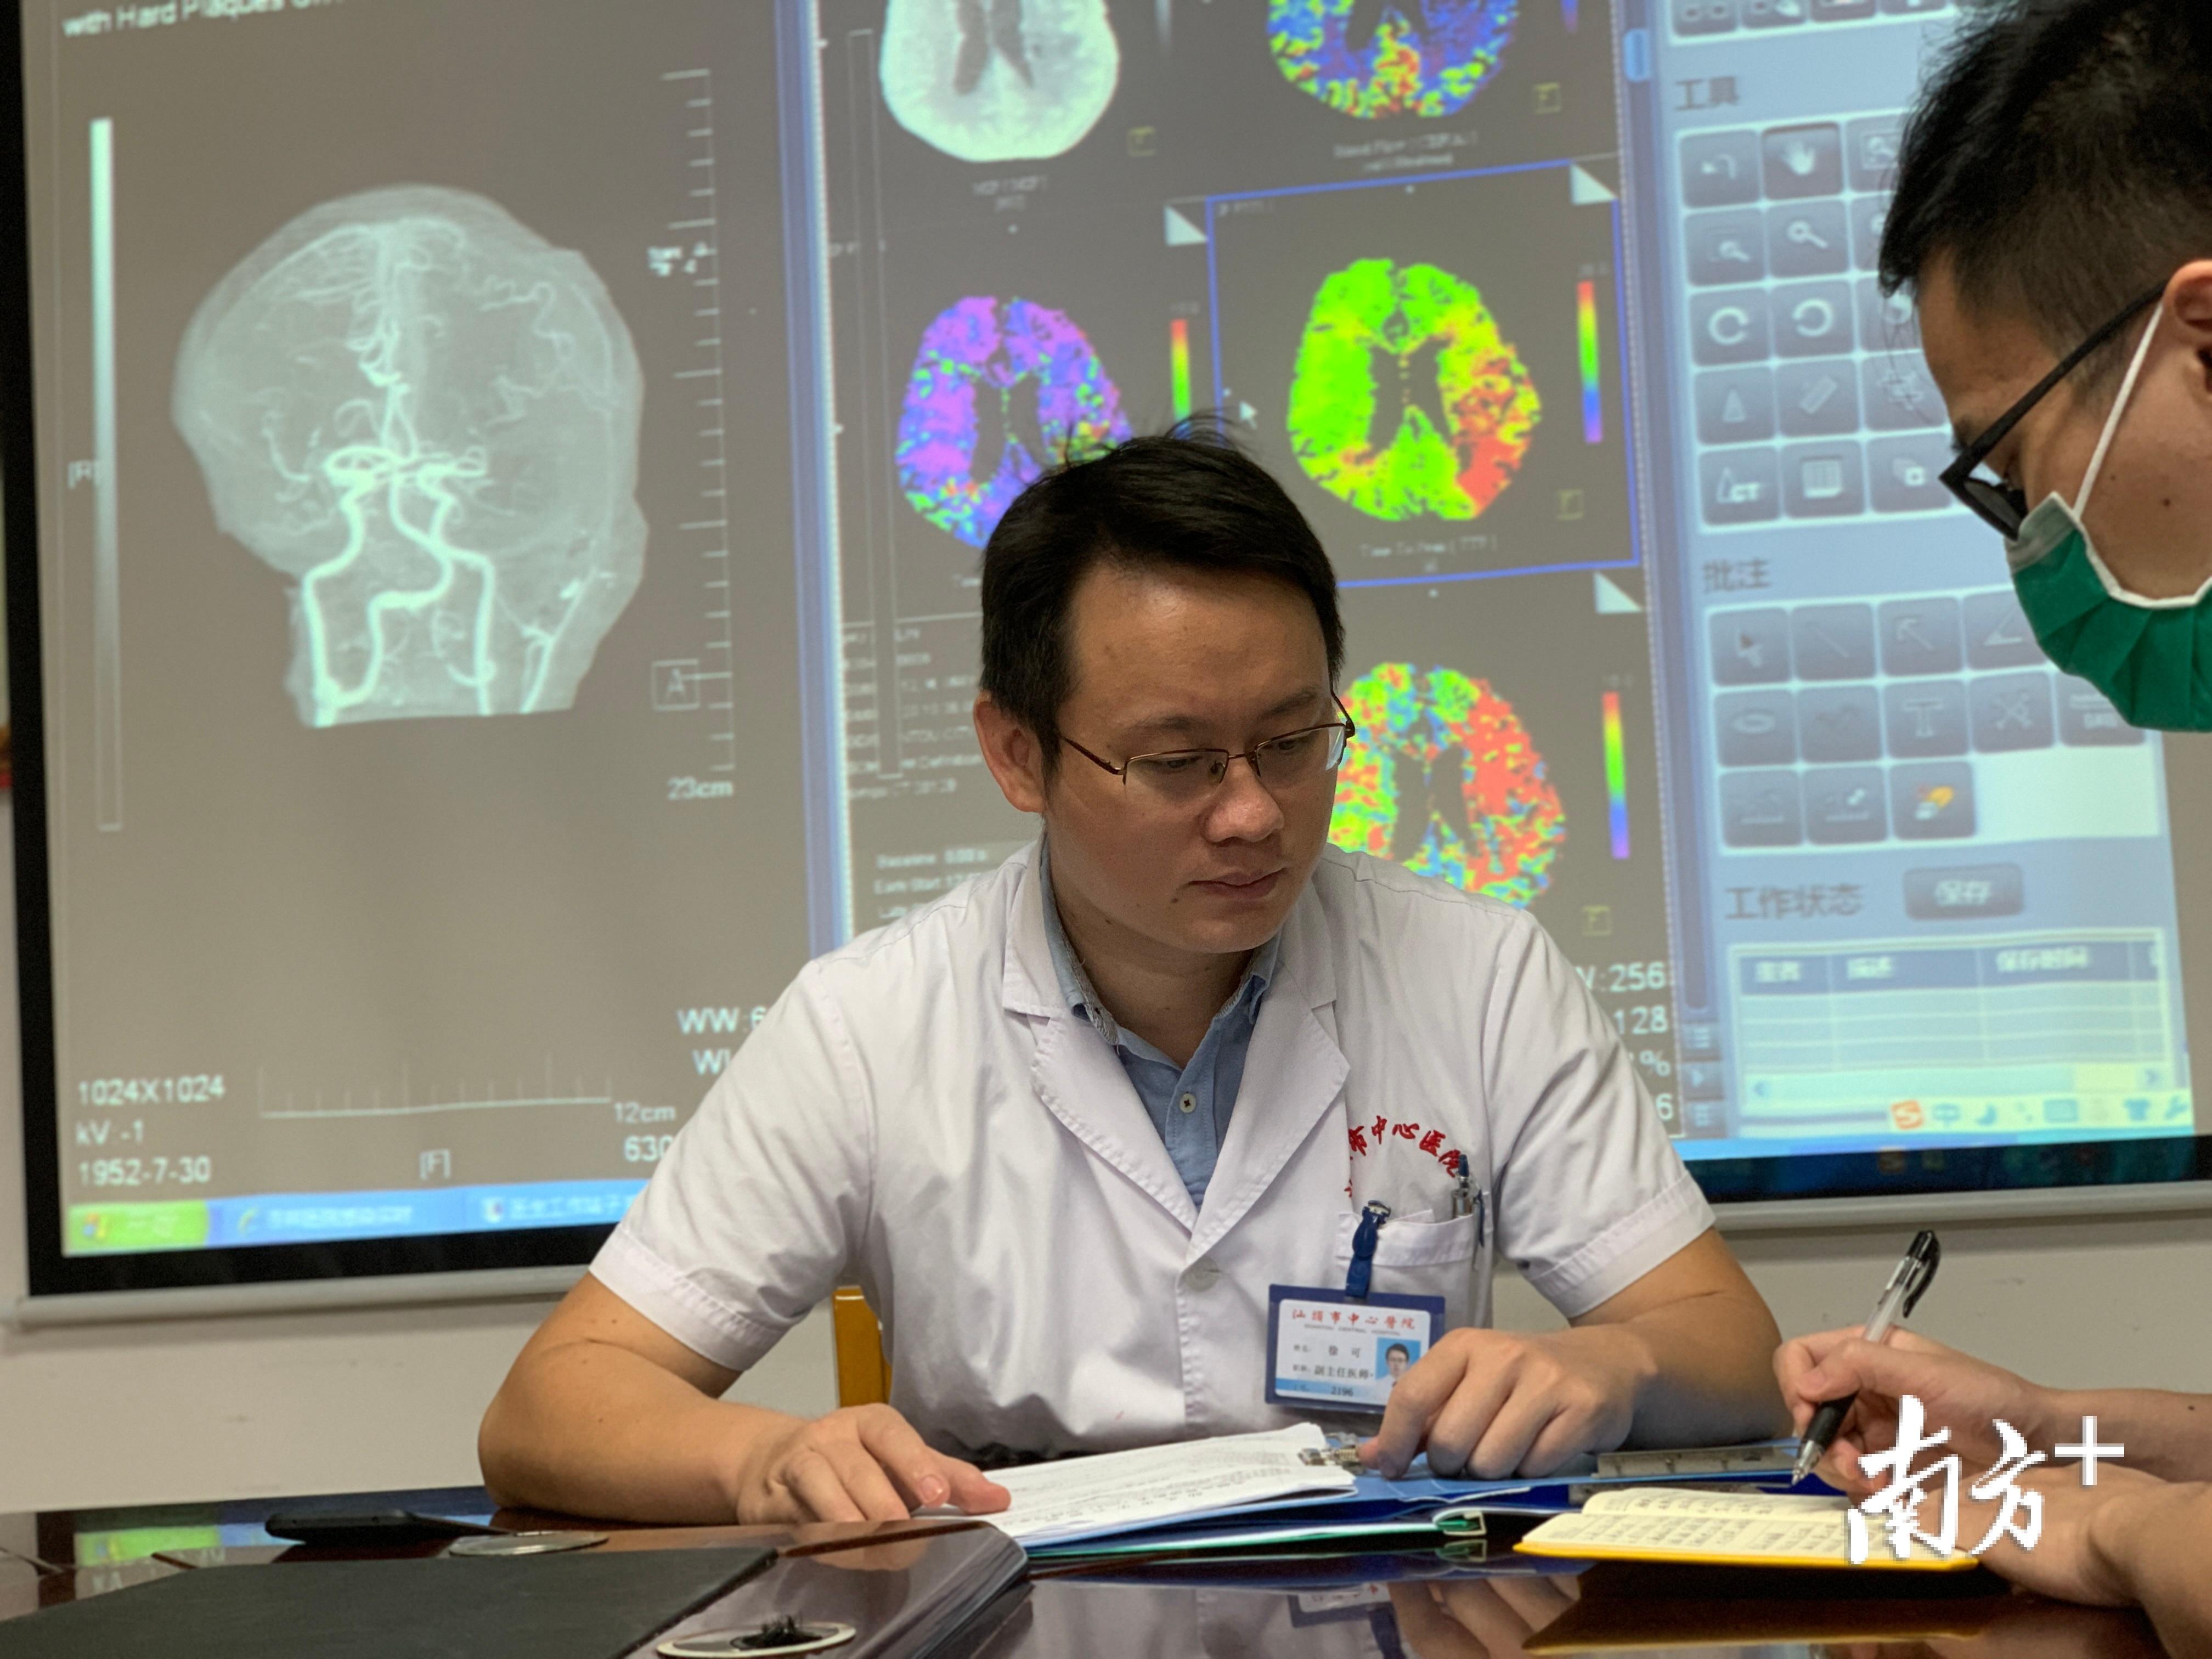 徐可与科室的医生一起讨论病例。